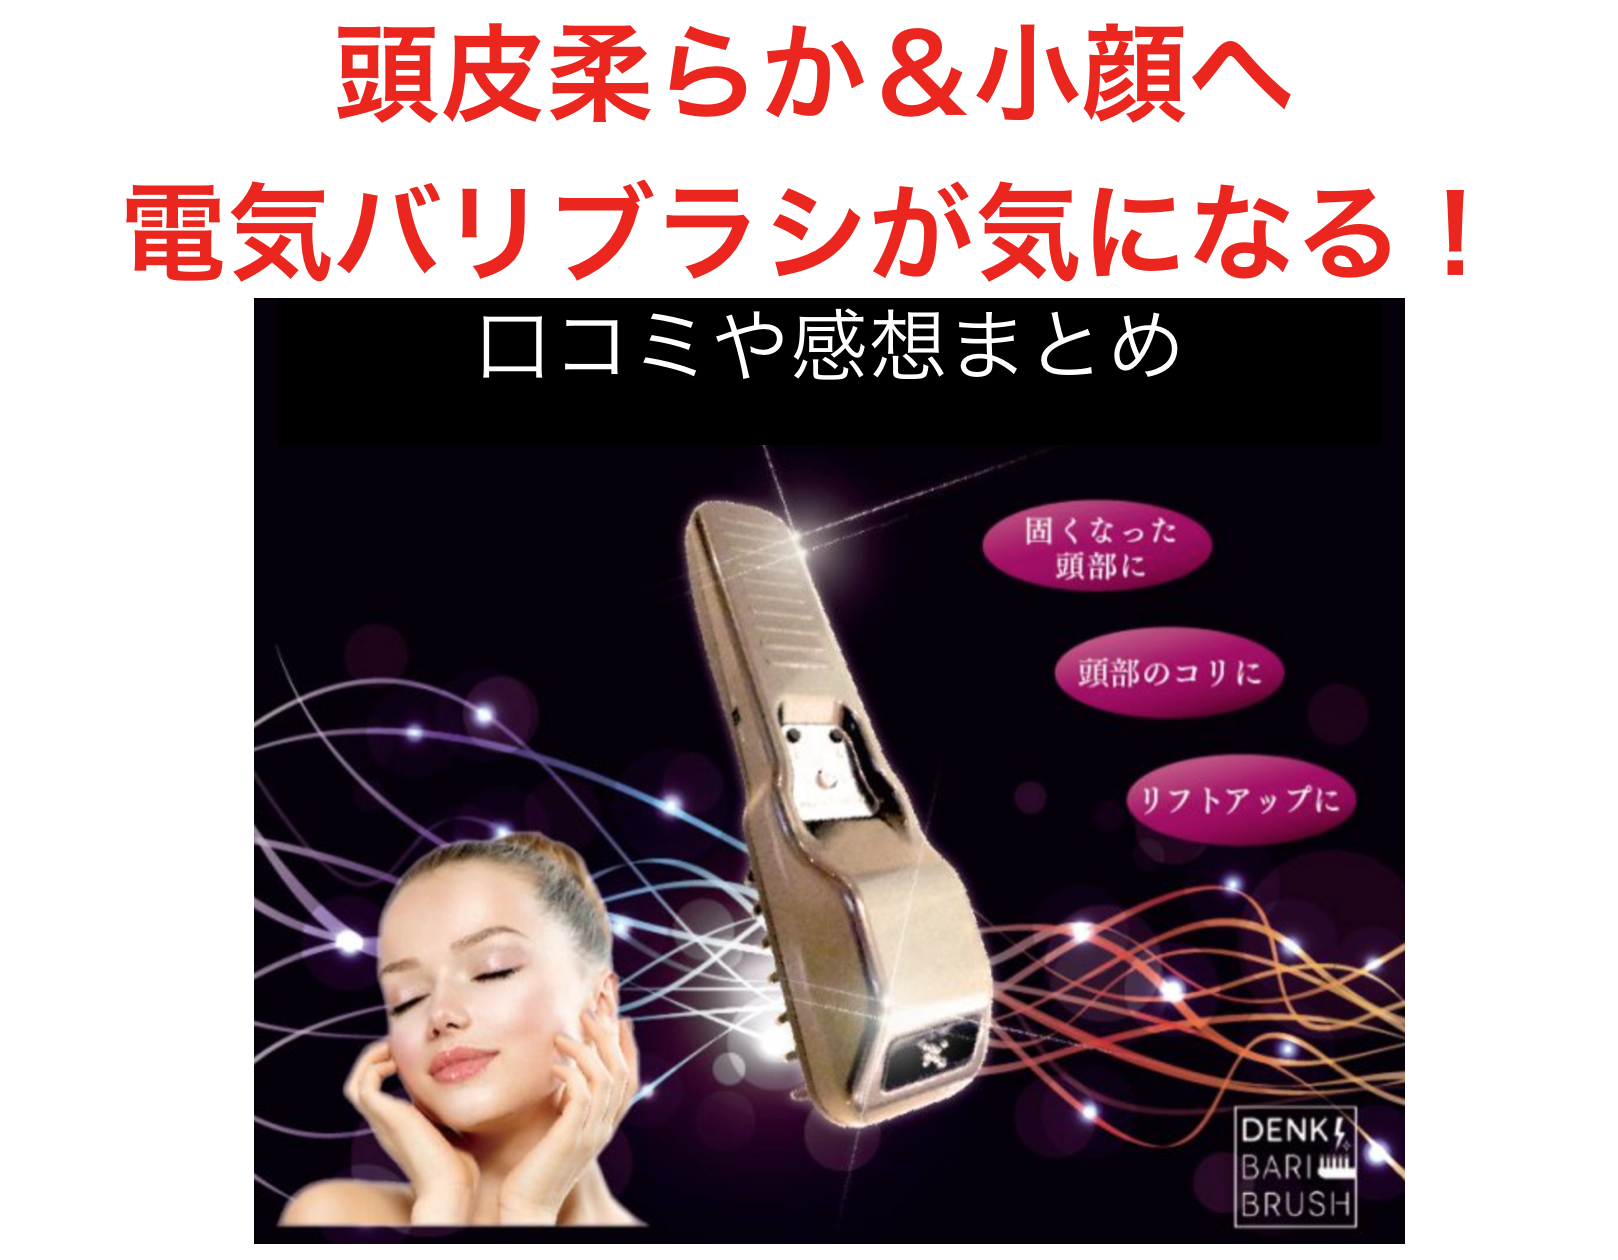 電気 針 ブラシ 【究極のおこもり美容】電気バリブラシ(DENKIBARI